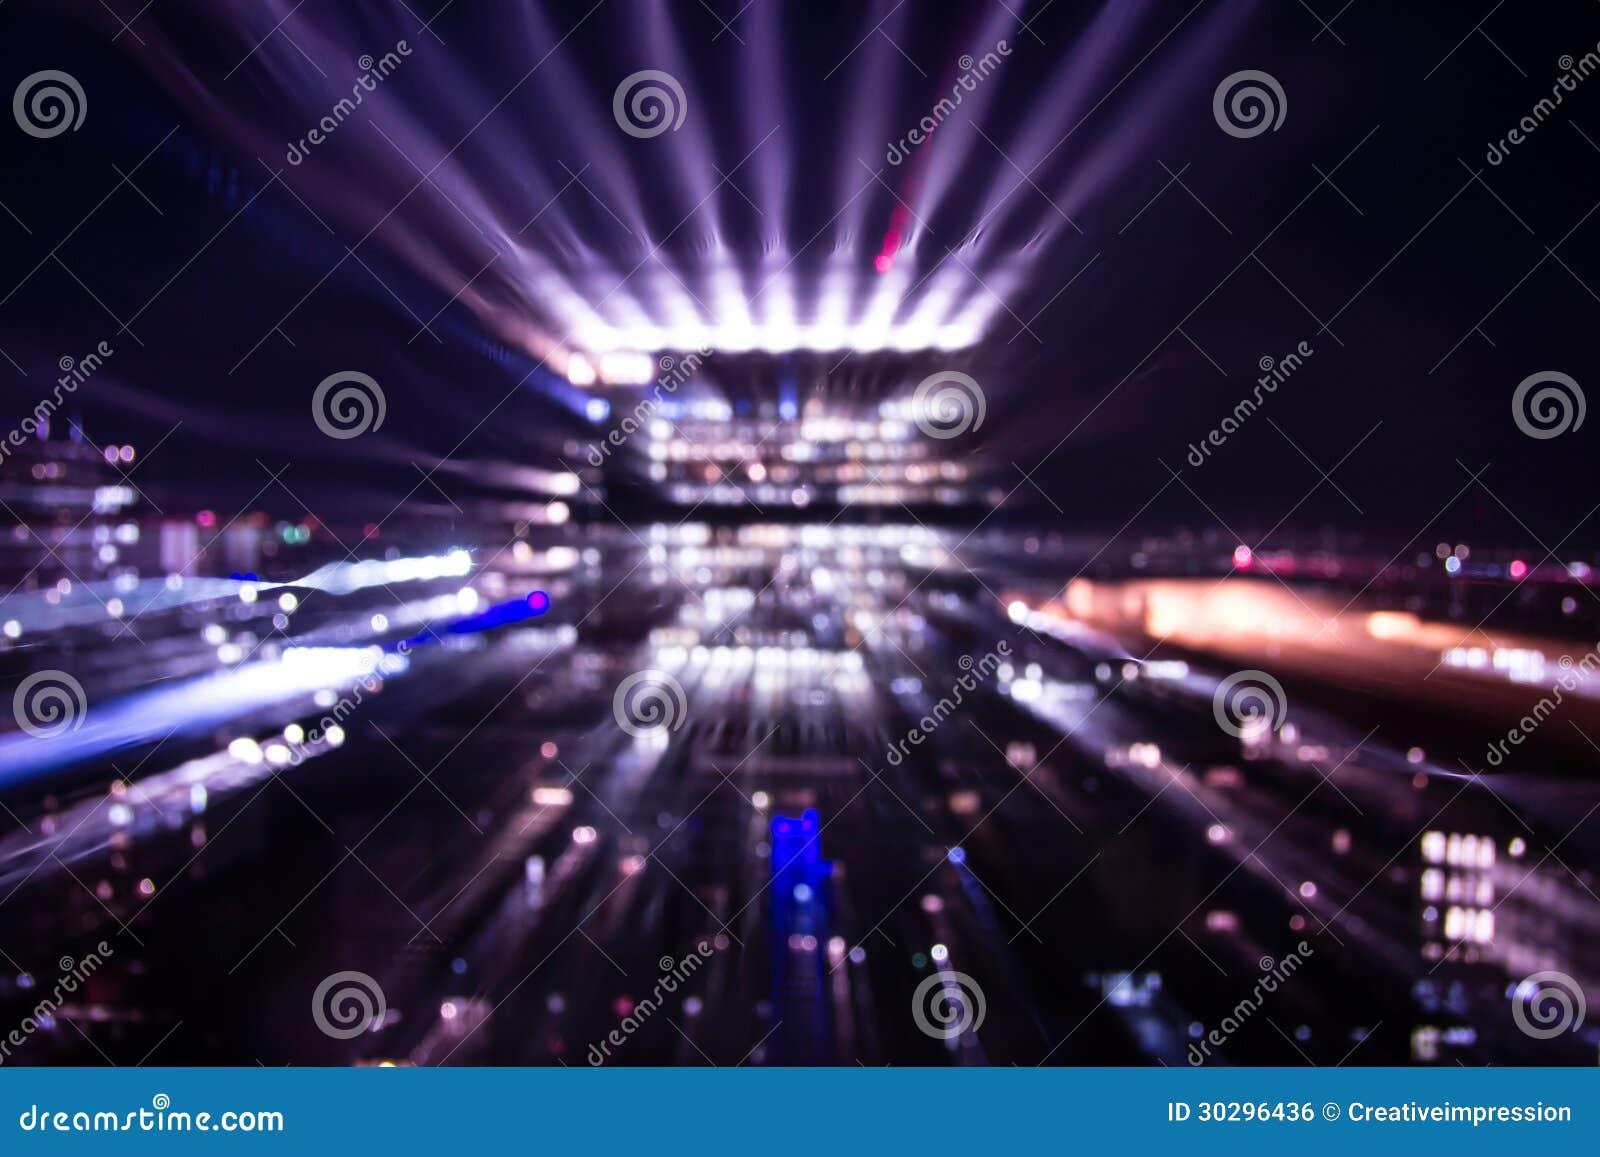 big city lights royalty free stock image image 30296436. Black Bedroom Furniture Sets. Home Design Ideas